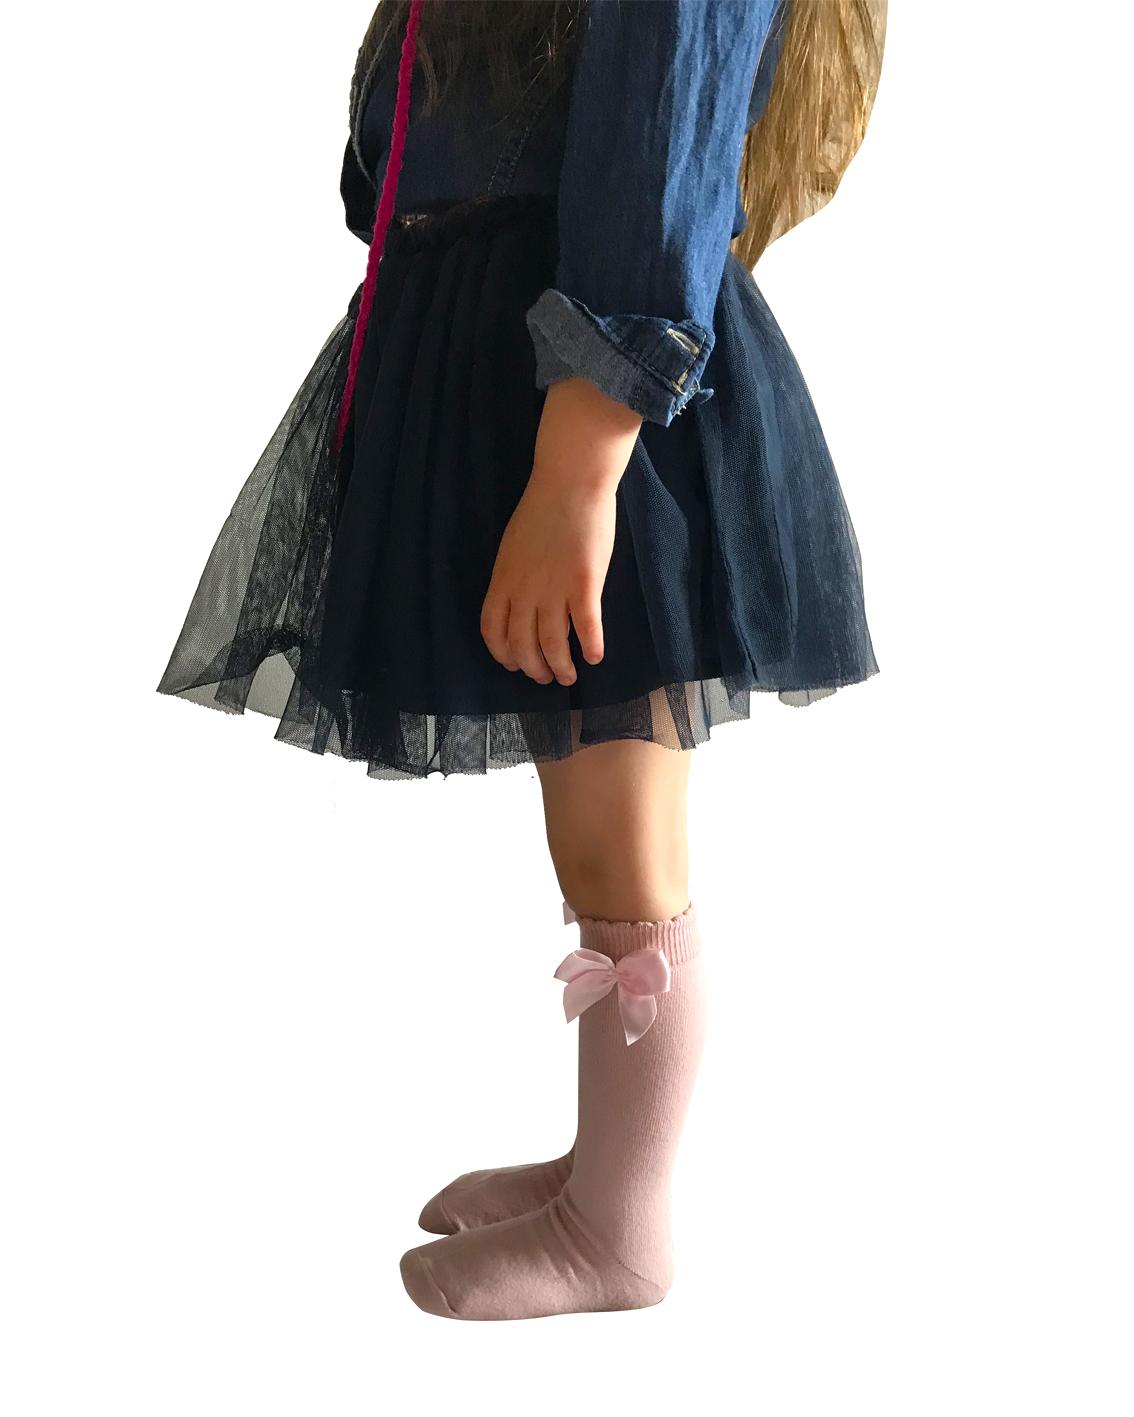 Podkolanówki dziecięce bawełniane firmy Milusie z kokardką kolor różowy.